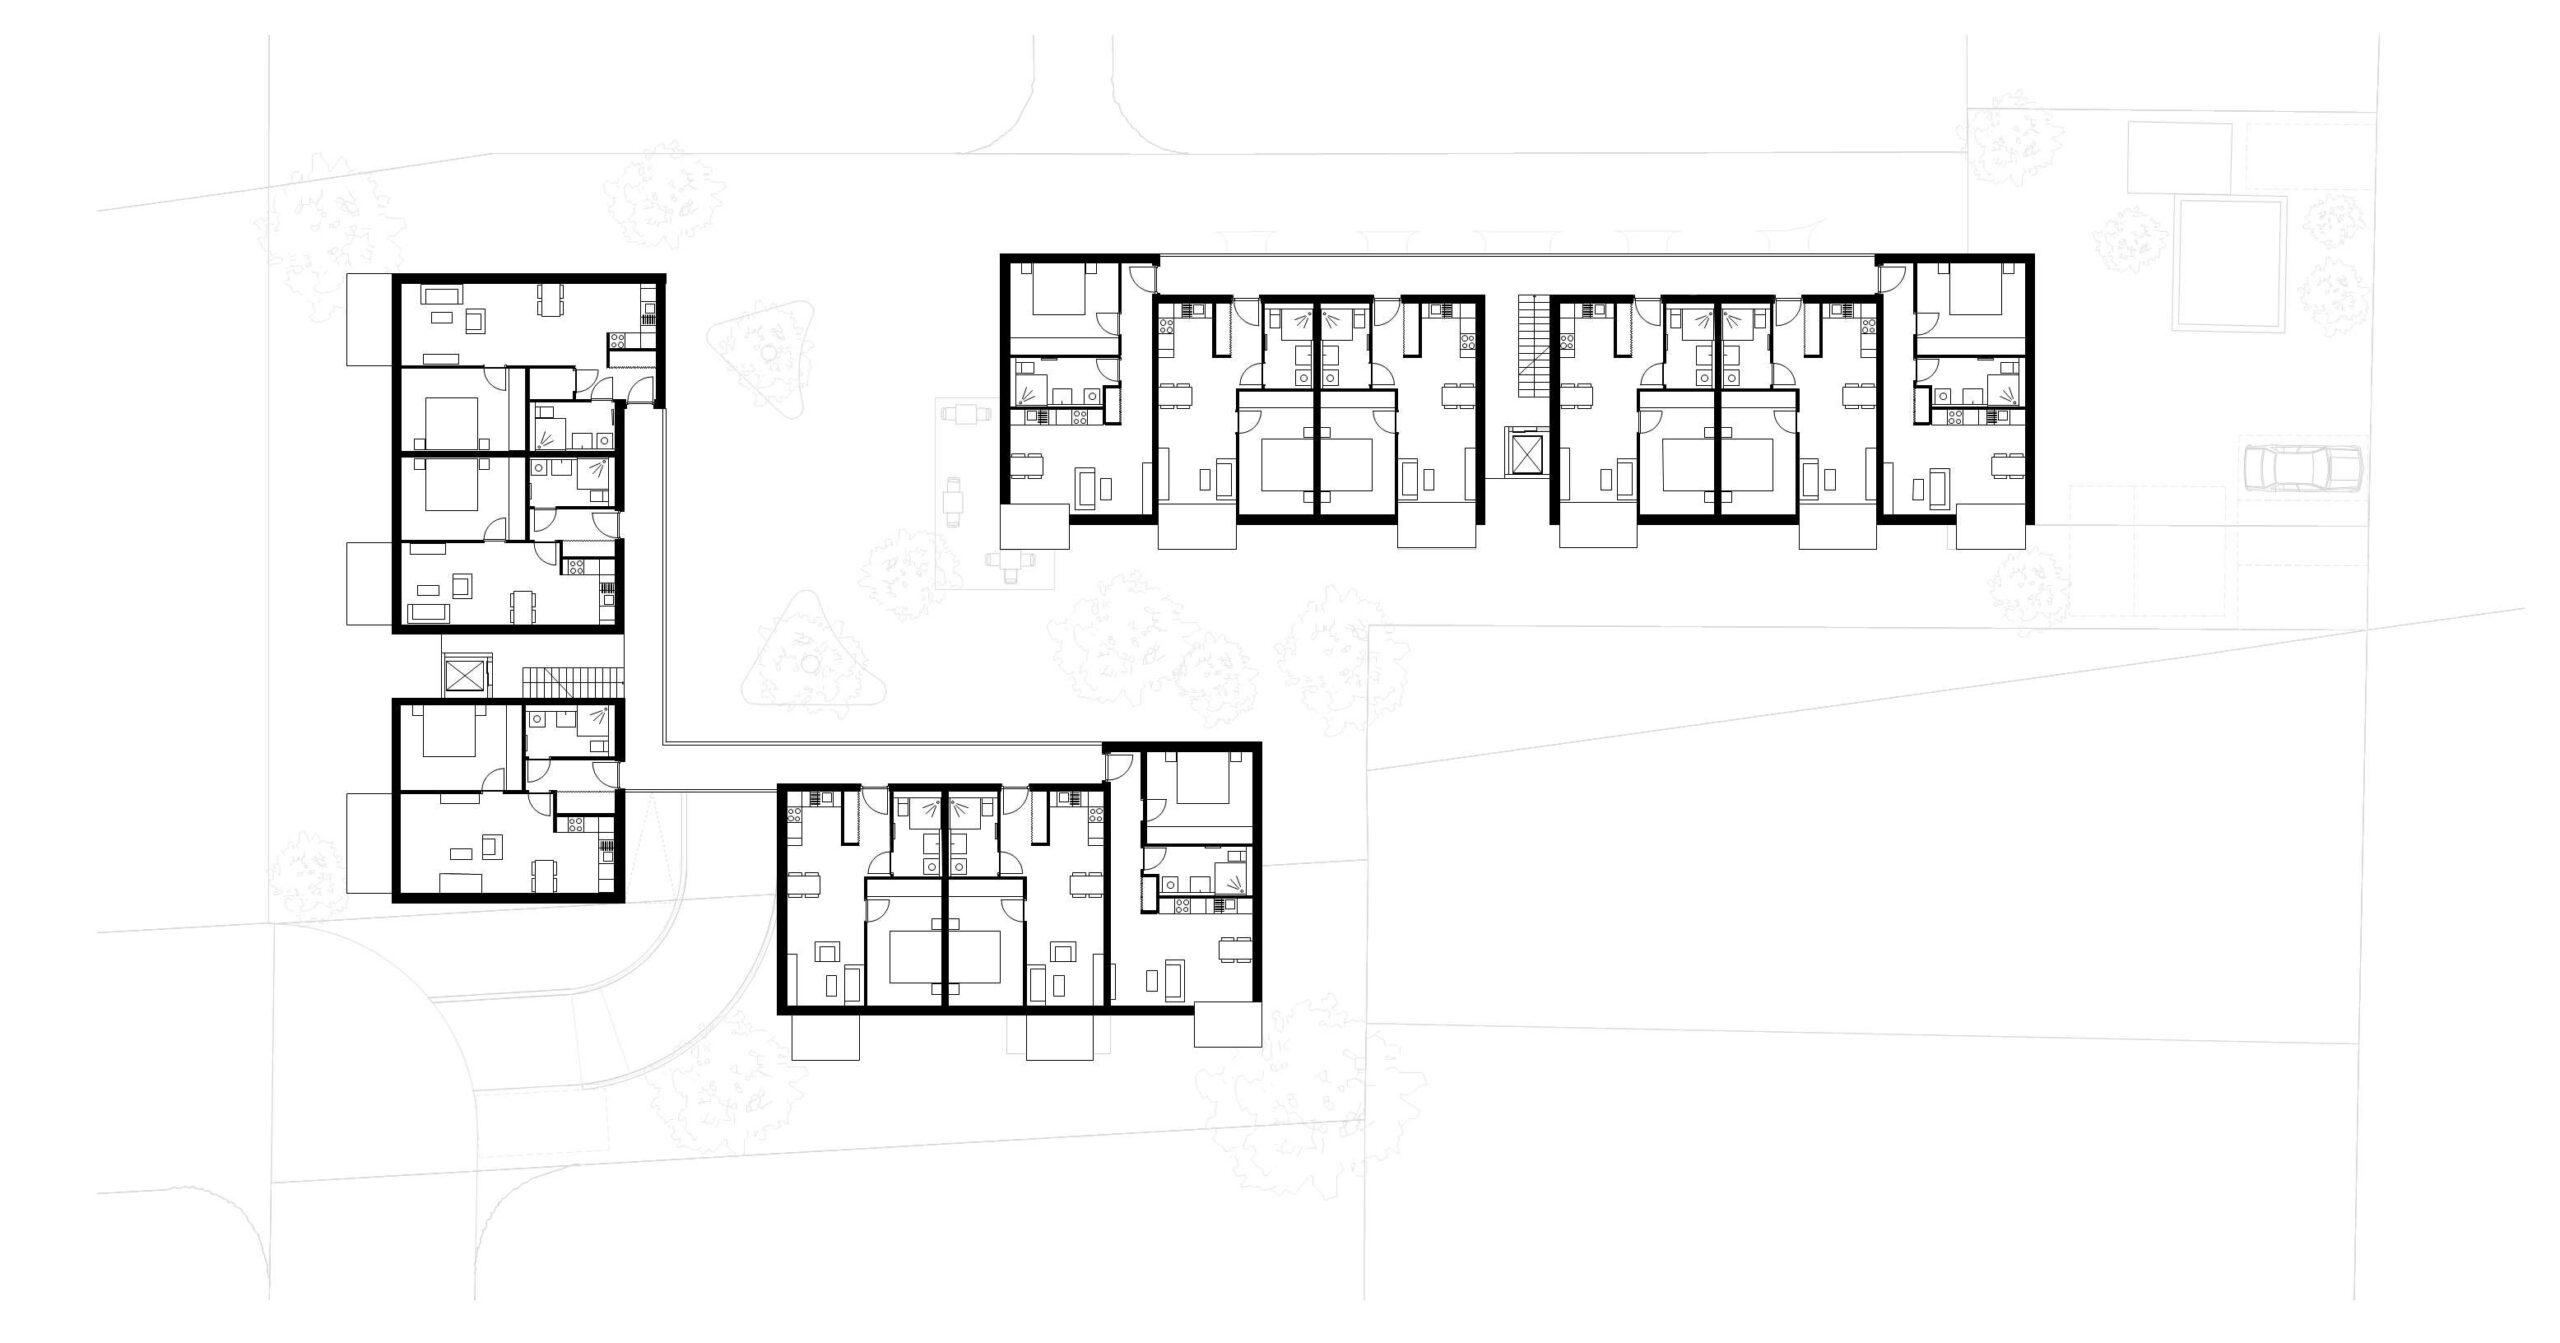 316_Mainstrasse_Grundriss 1. Obergeschoss_FFM-ARCHITEKTEN